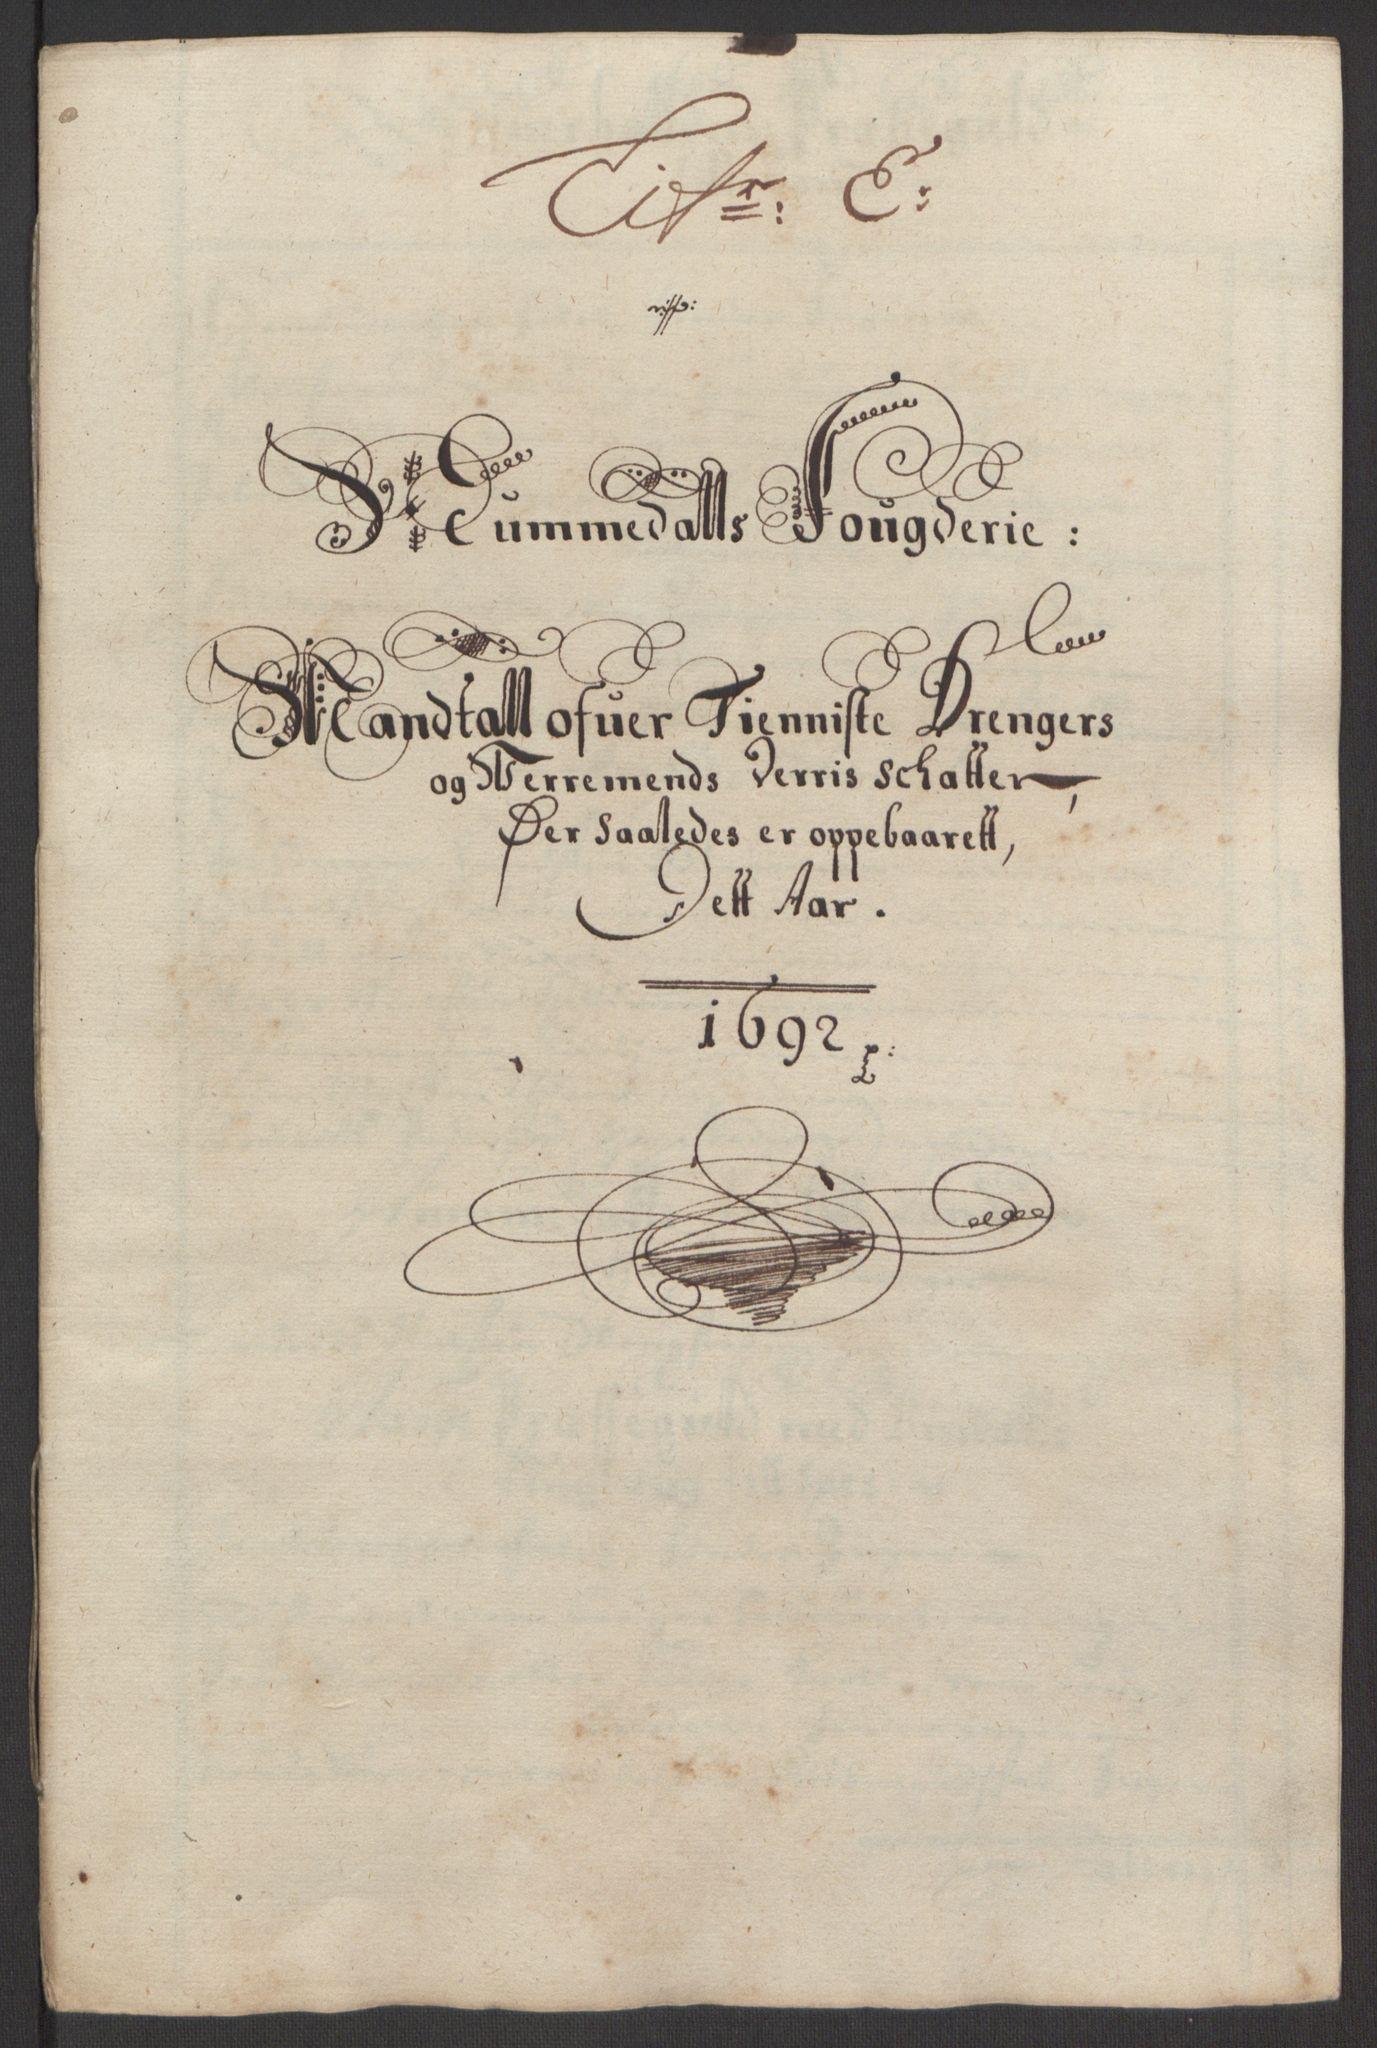 RA, Rentekammeret inntil 1814, Reviderte regnskaper, Fogderegnskap, R64/L4424: Fogderegnskap Namdal, 1692-1695, s. 26